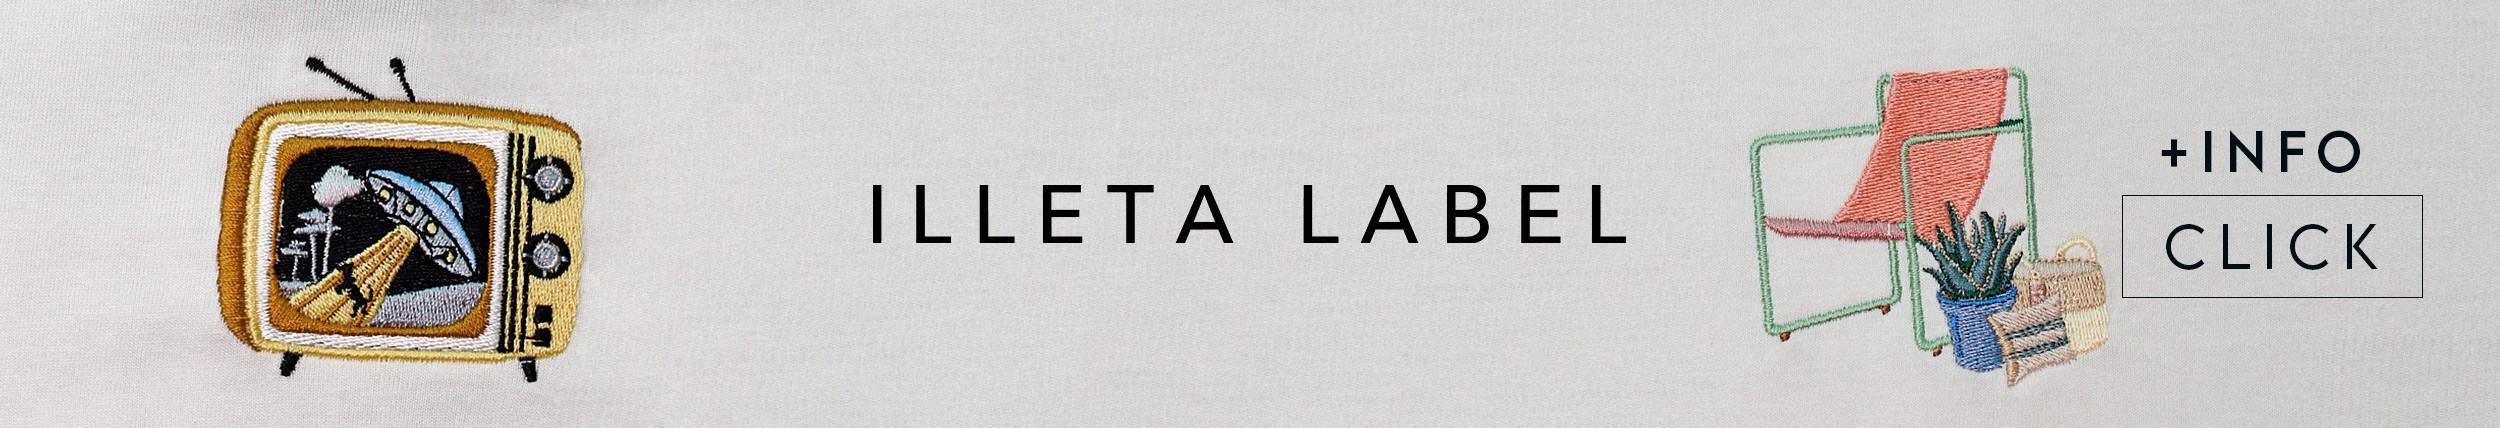 Illeta Label